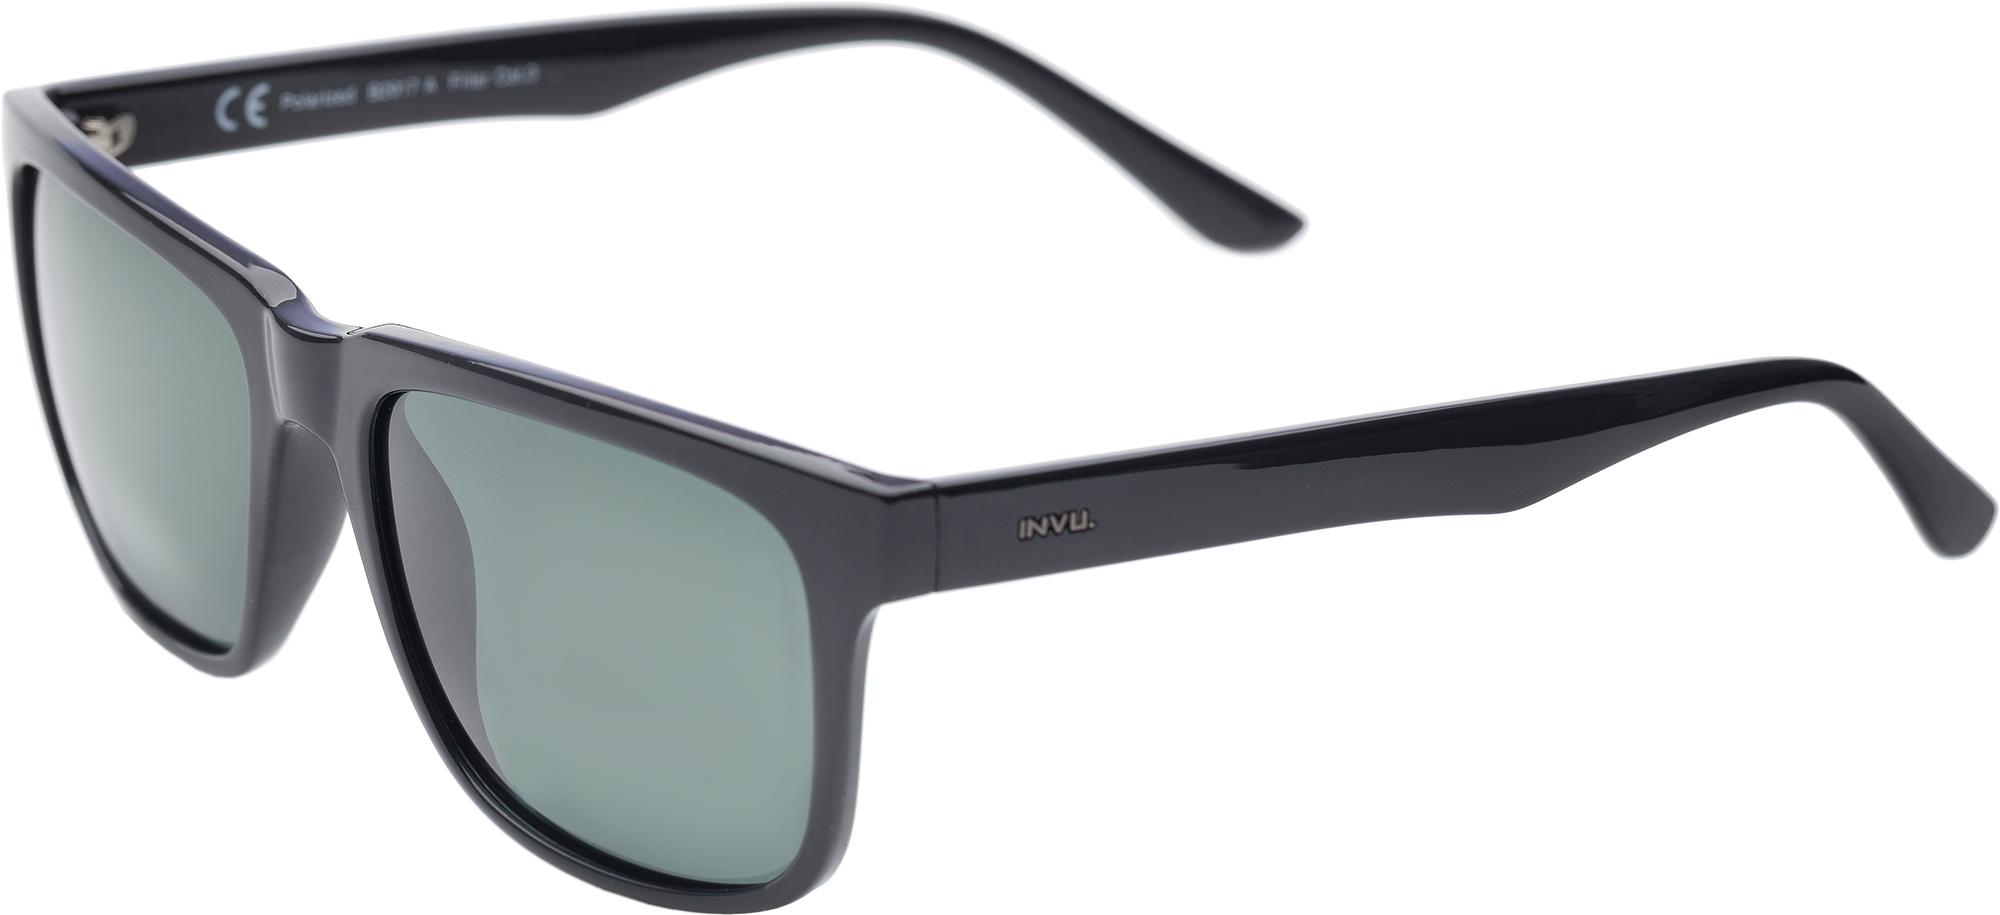 купить Invu Солнцезащитные очки Invu онлайн